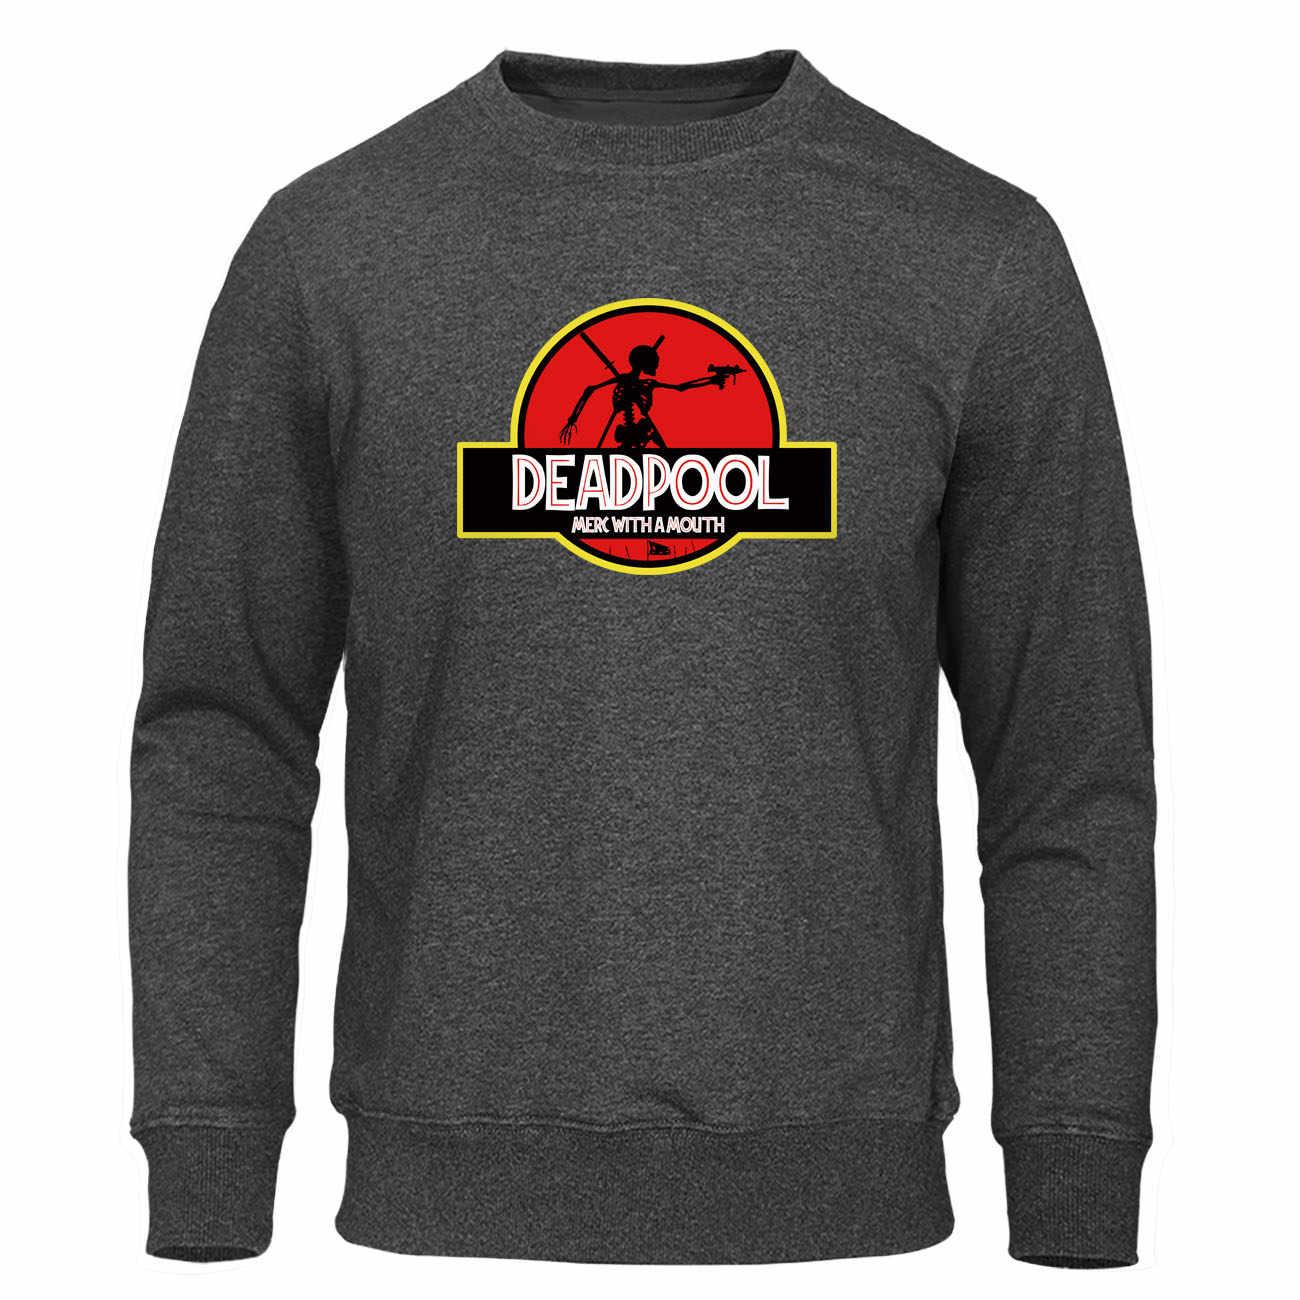 Deadpool Merc z ustami bluzy mężczyźni Cartoon bluza z kapturem Harajuku bluza śmieszne SuperHero sweter jesień ciepłe męskie Streetwear